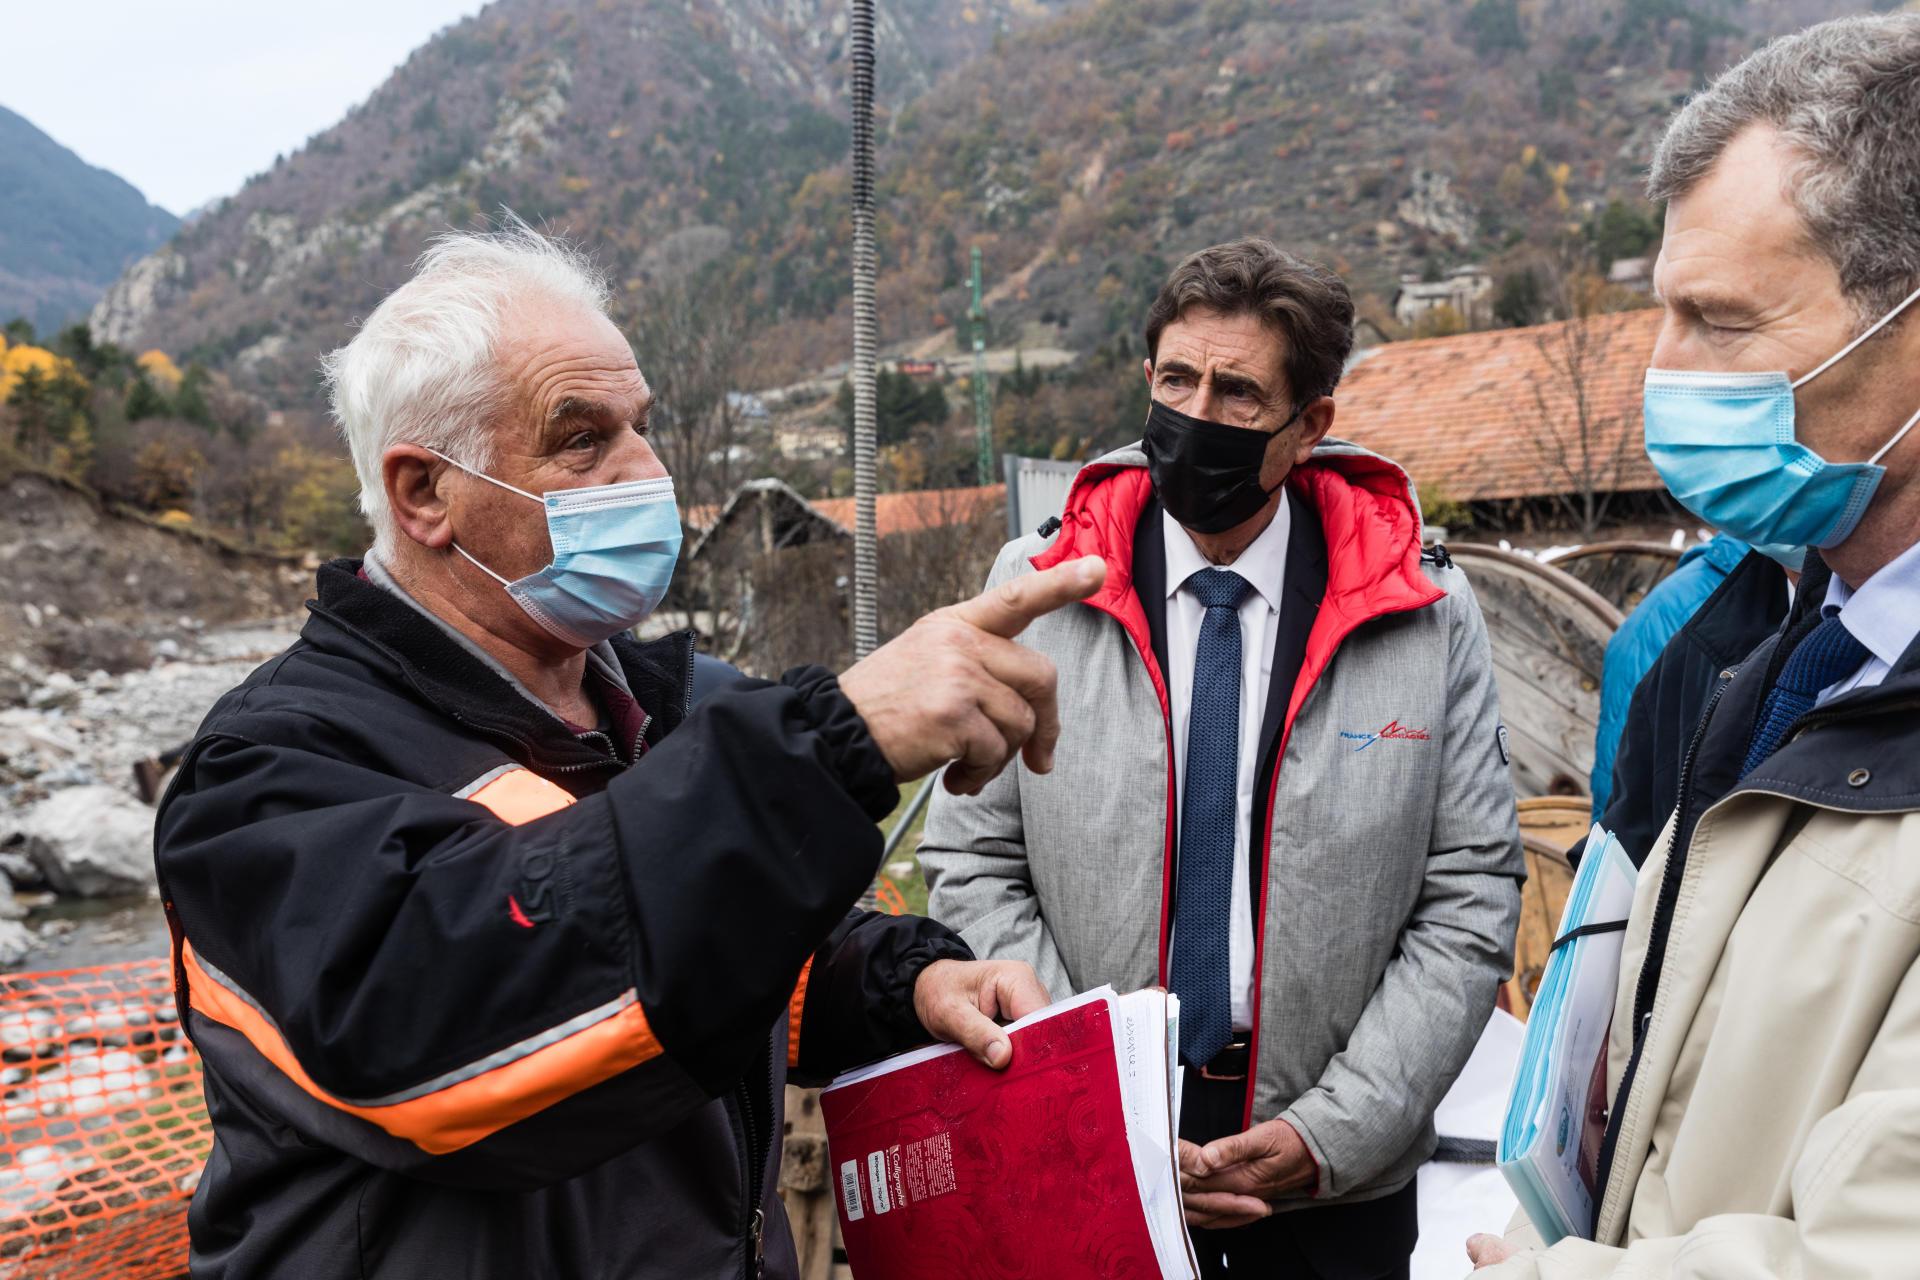 Jean-Pierre Vassallo, maire de Tende (gauche), Charles Ange Ginesy, président du Département des Alpes-Maritimes (centre) et Christophe Mirmand, préfet de région (droite) sur le quai provisoire de Saint-Dalmas,le 12 novembre.